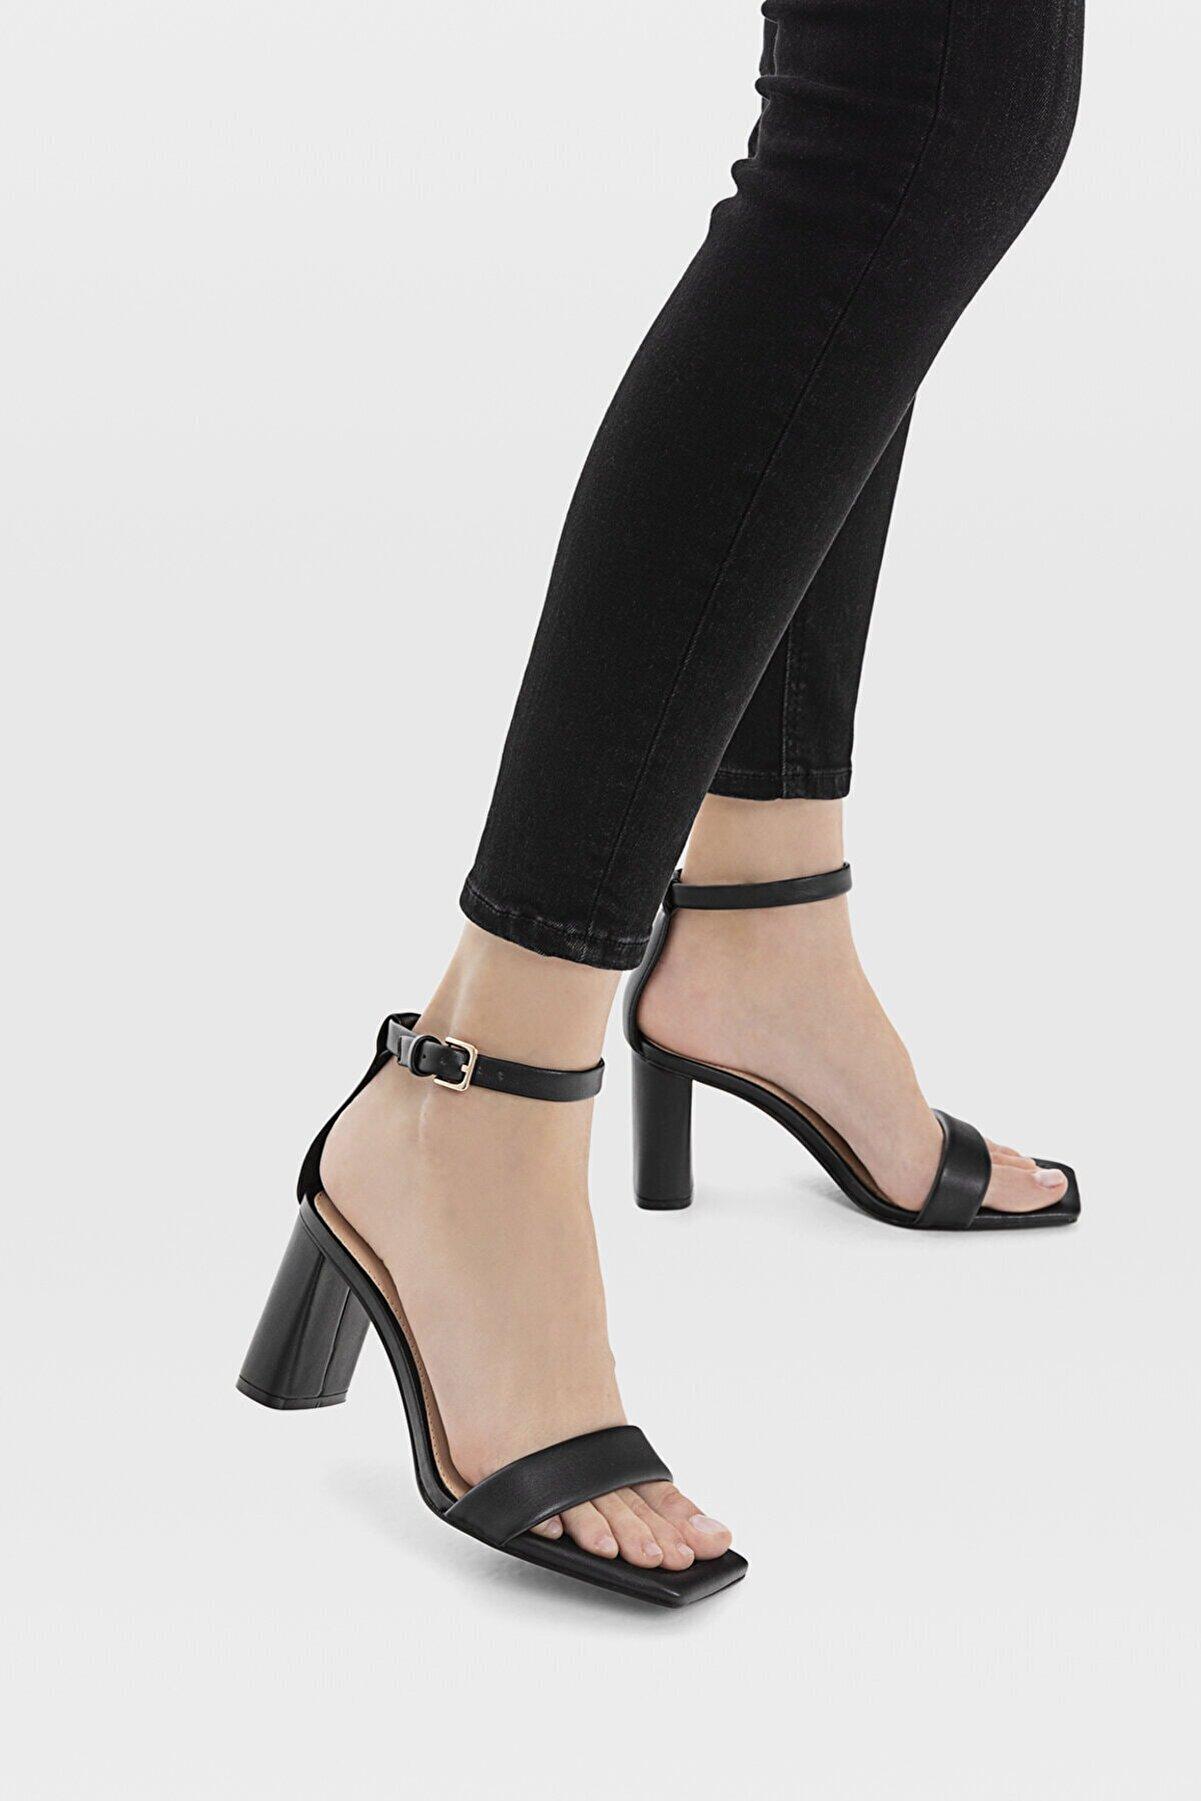 Stradivarius Kadın Siyah Dolgulu Bantlı Topuklu Sandalet 19207770